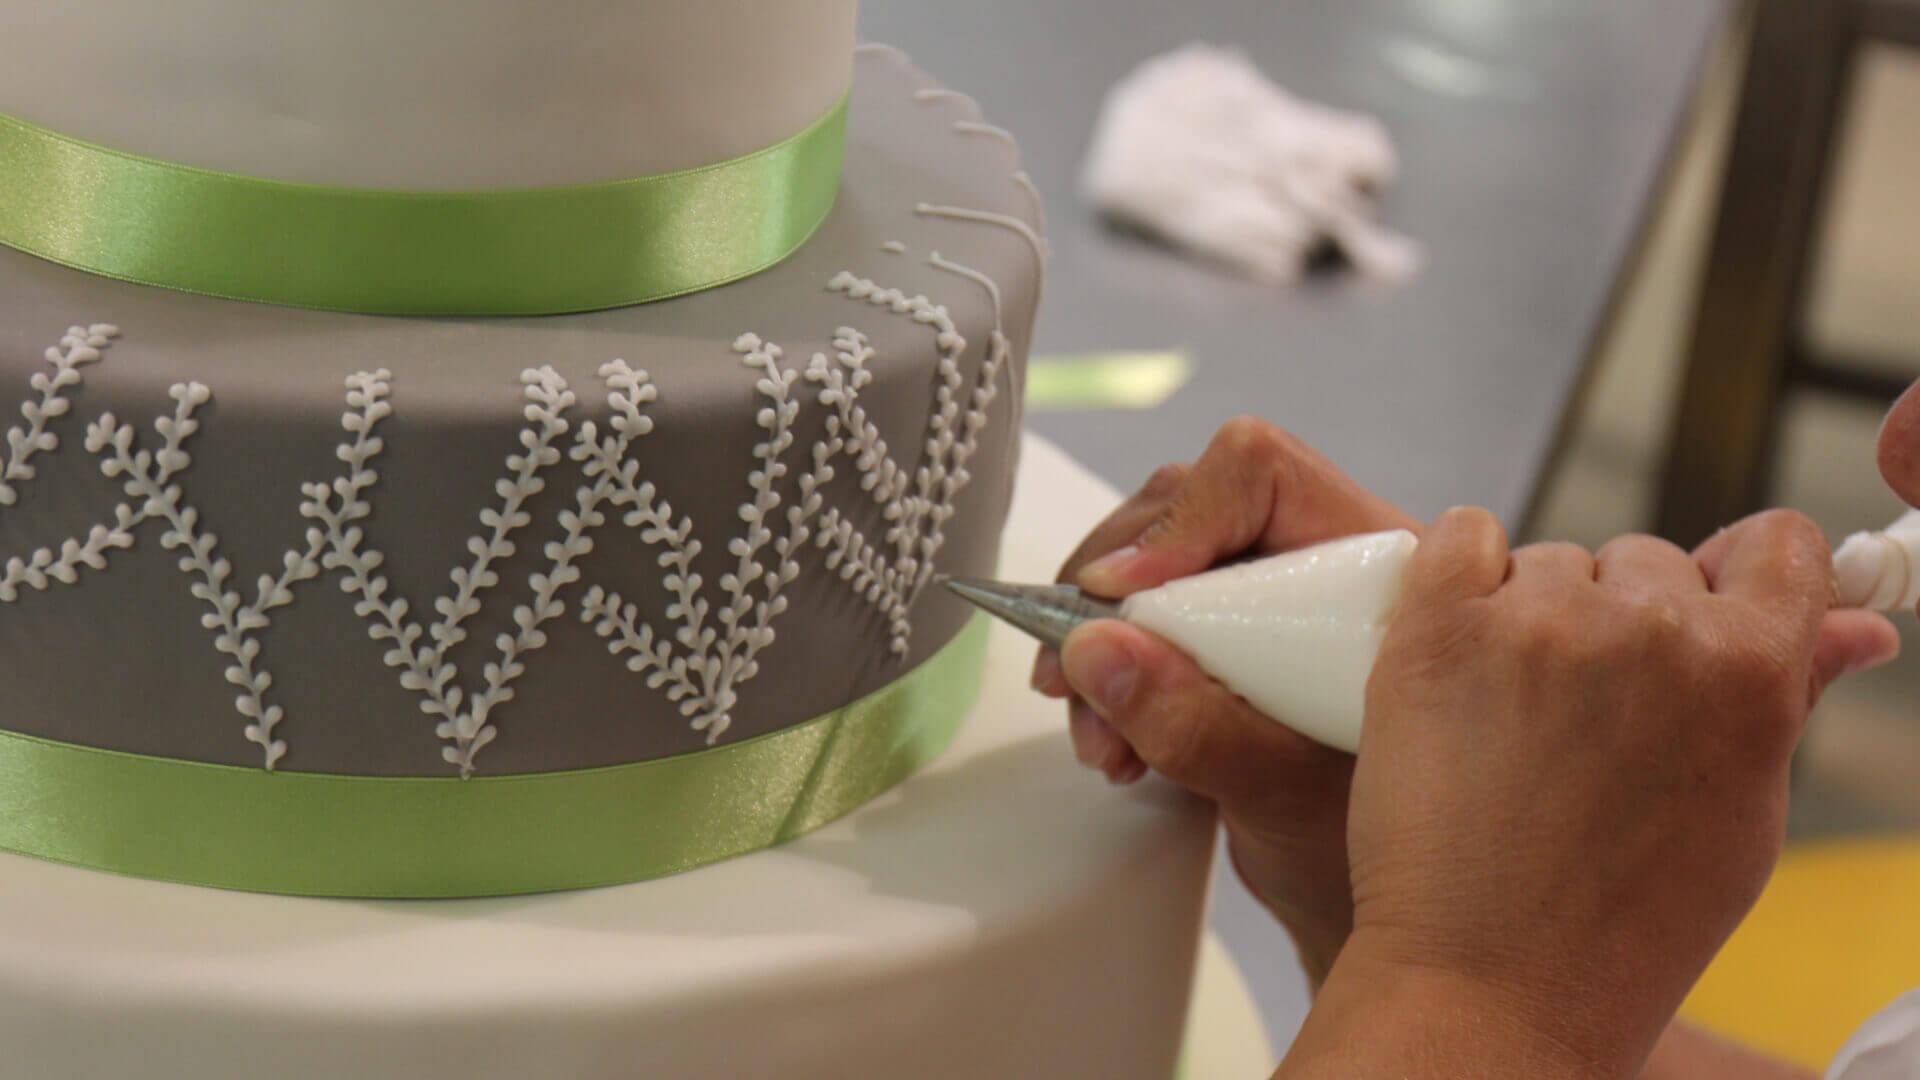 Dekorowanie tortu krok po kroku. Sprawdź nasze niezawodne wskazówki!